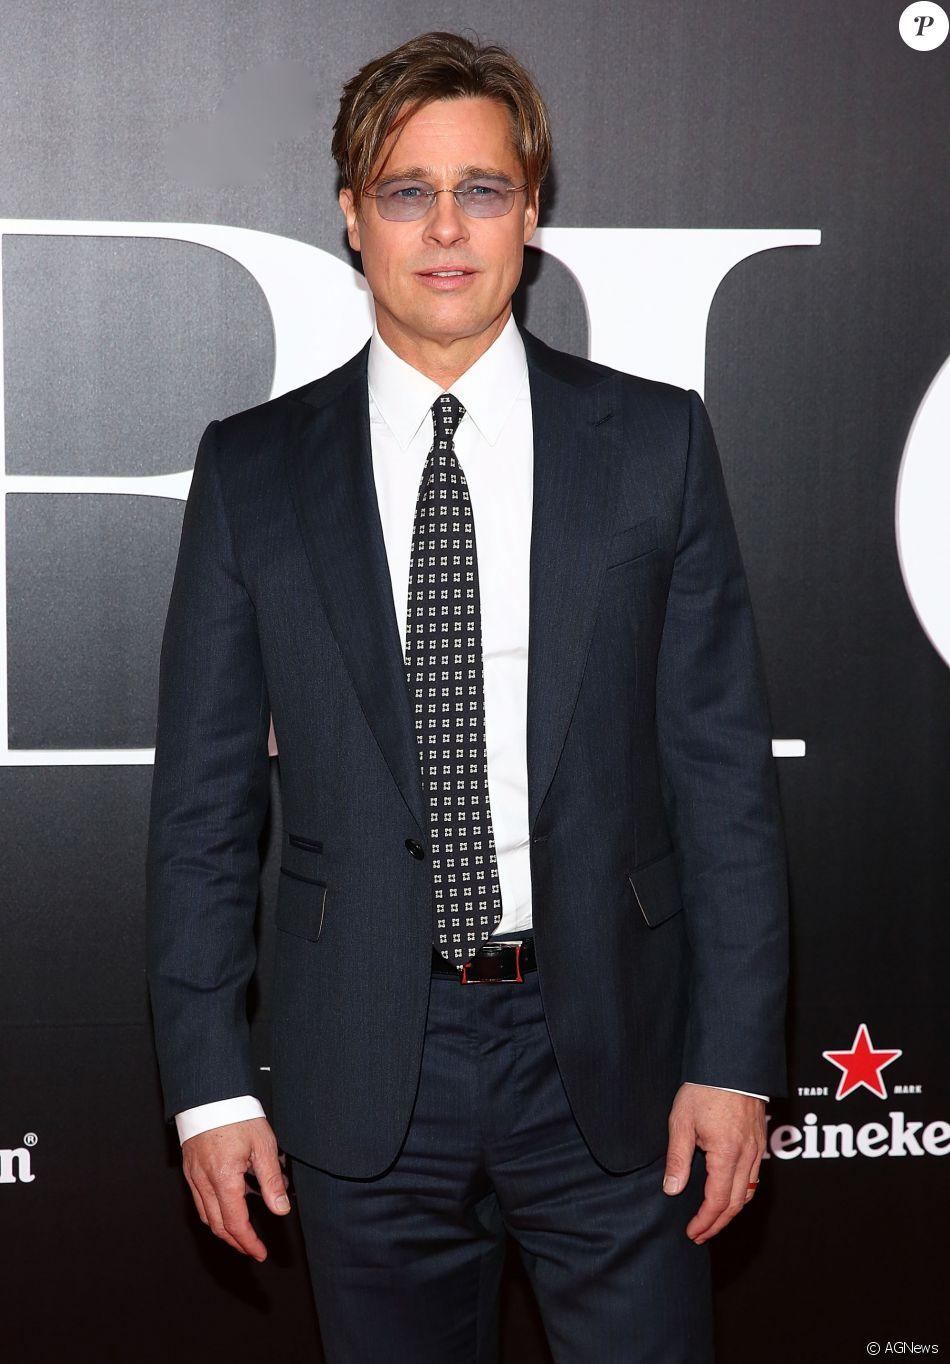 Brad Pitt, acusado de agredir filhos, faz exames toxicológicos e coopera com as investigações, indica imprensa internacional nesta quinta-feira, dia 29 de setembro de 2016